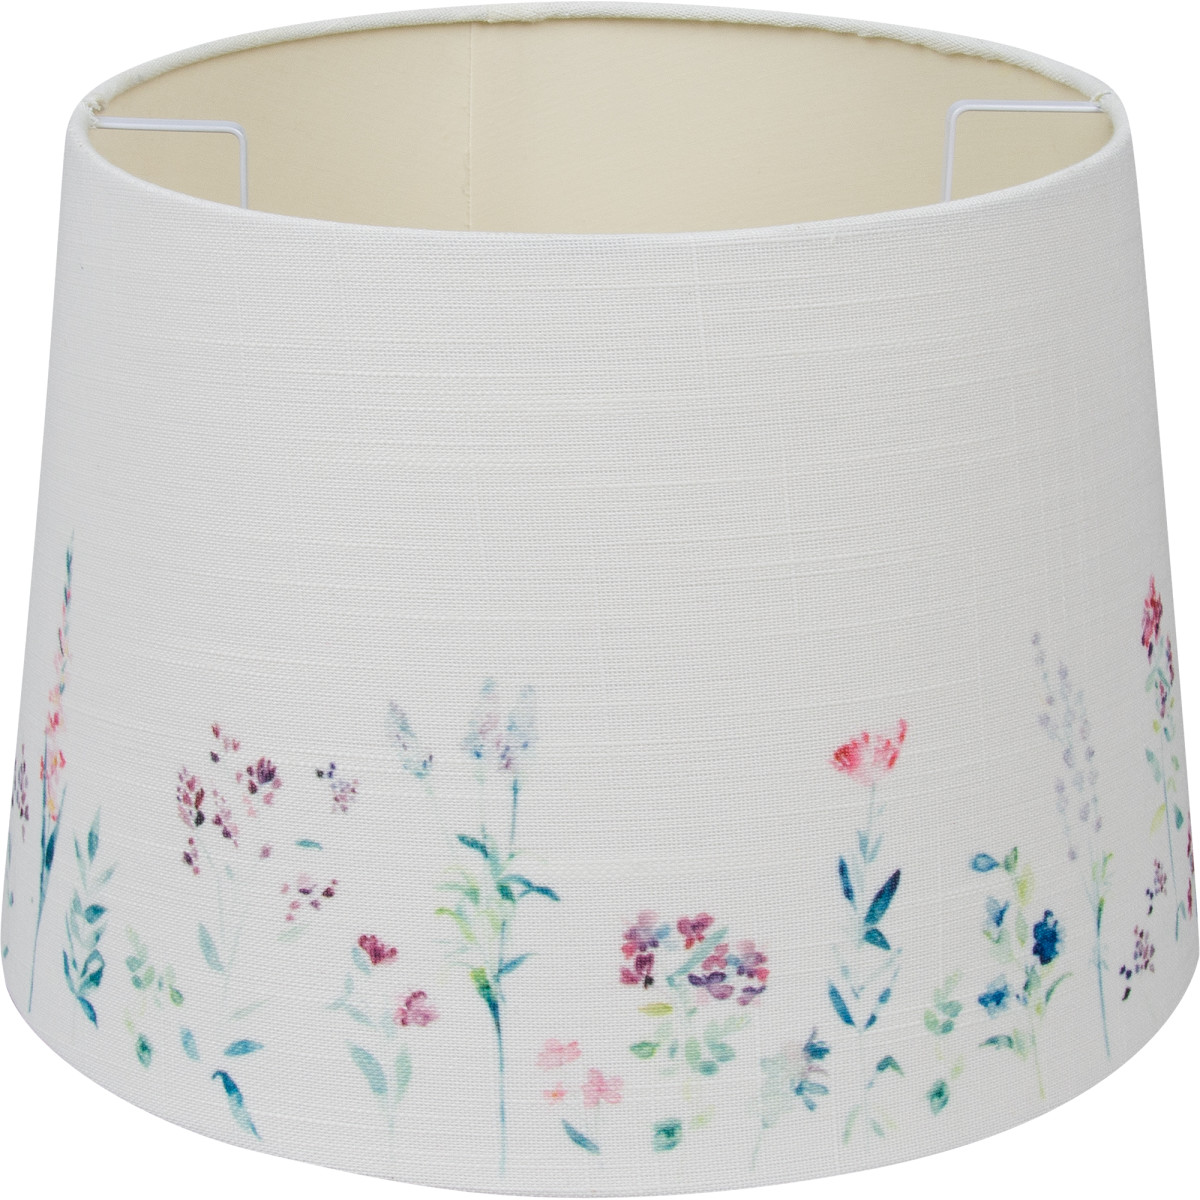 Абажур Linen Ivory Print 7843-5 E27/E14 кольцо цвет бежевый